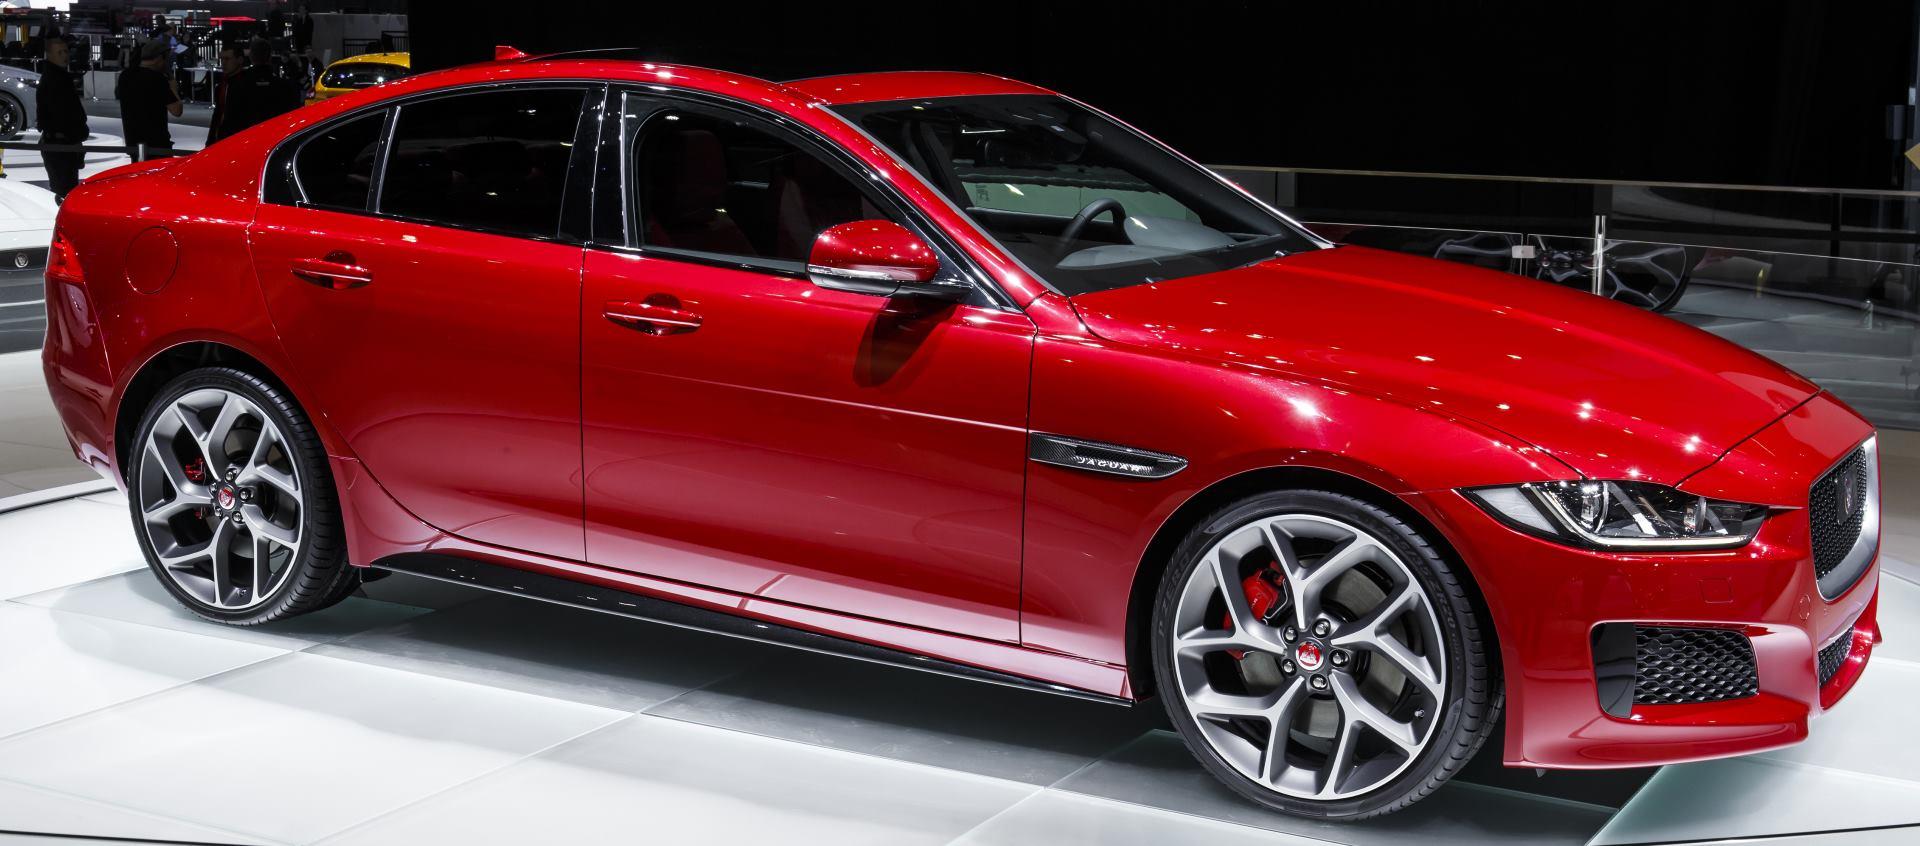 FOTO: VIDEO: Predstavljen aluminijski Jaguar XE prepun inovacija i noviteta